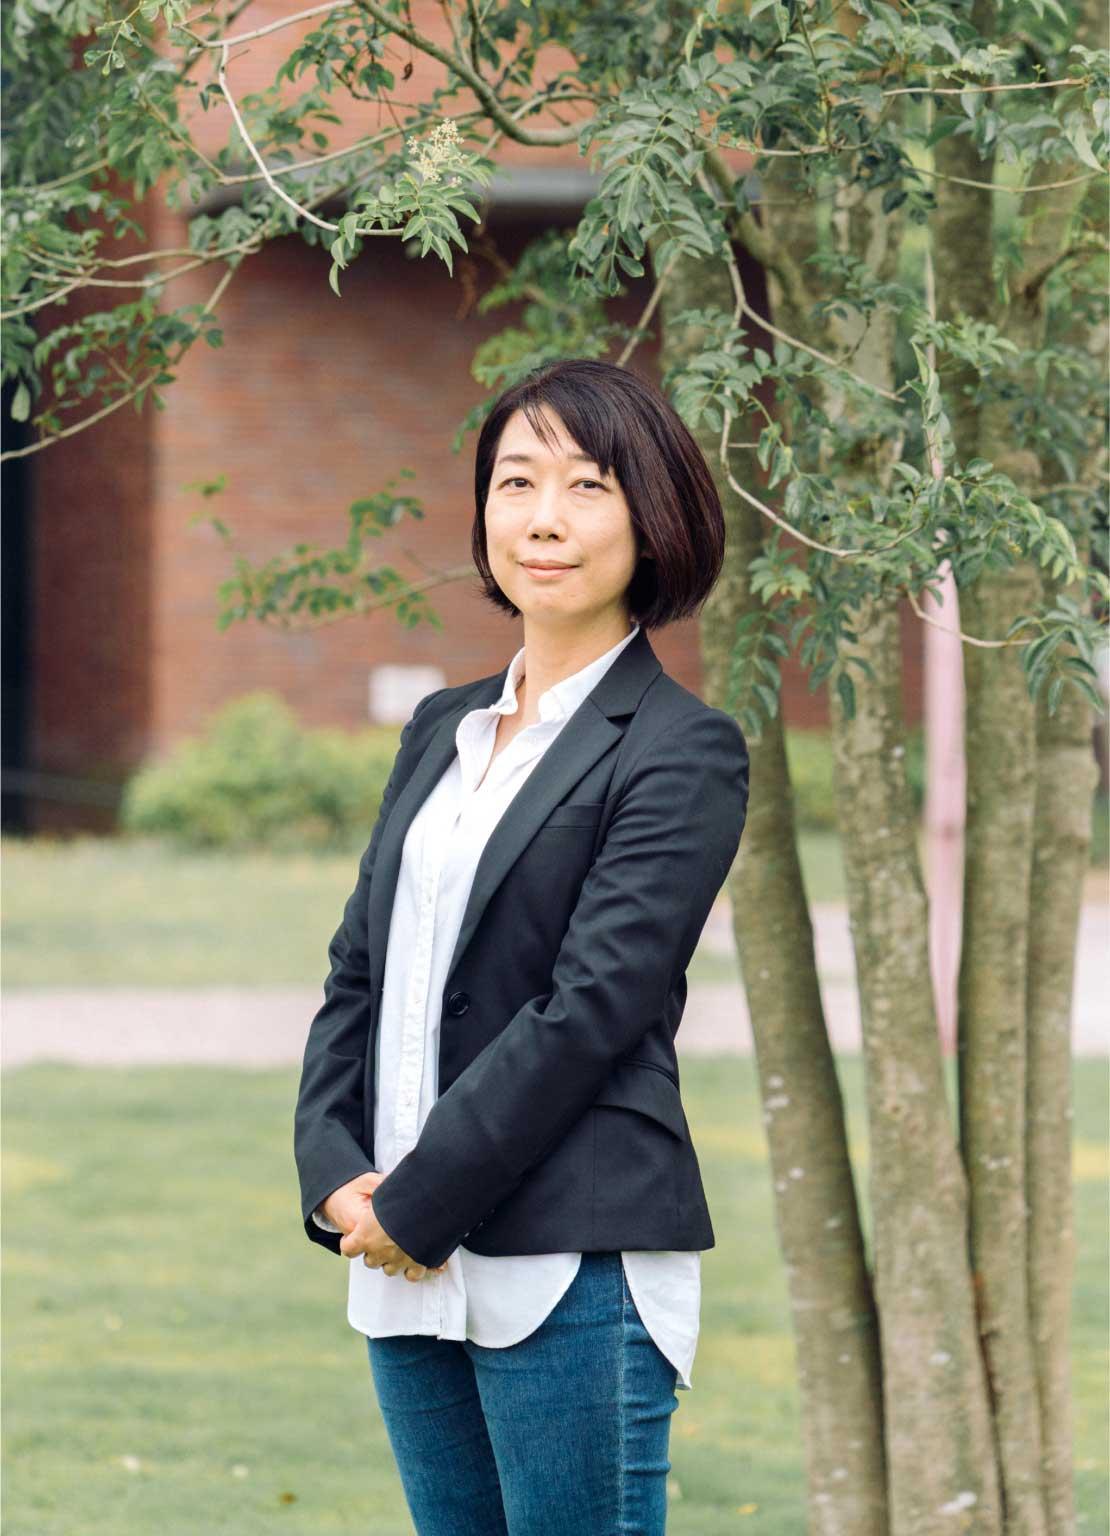 福山ビジネスサポートセンターオフィスマネージャー